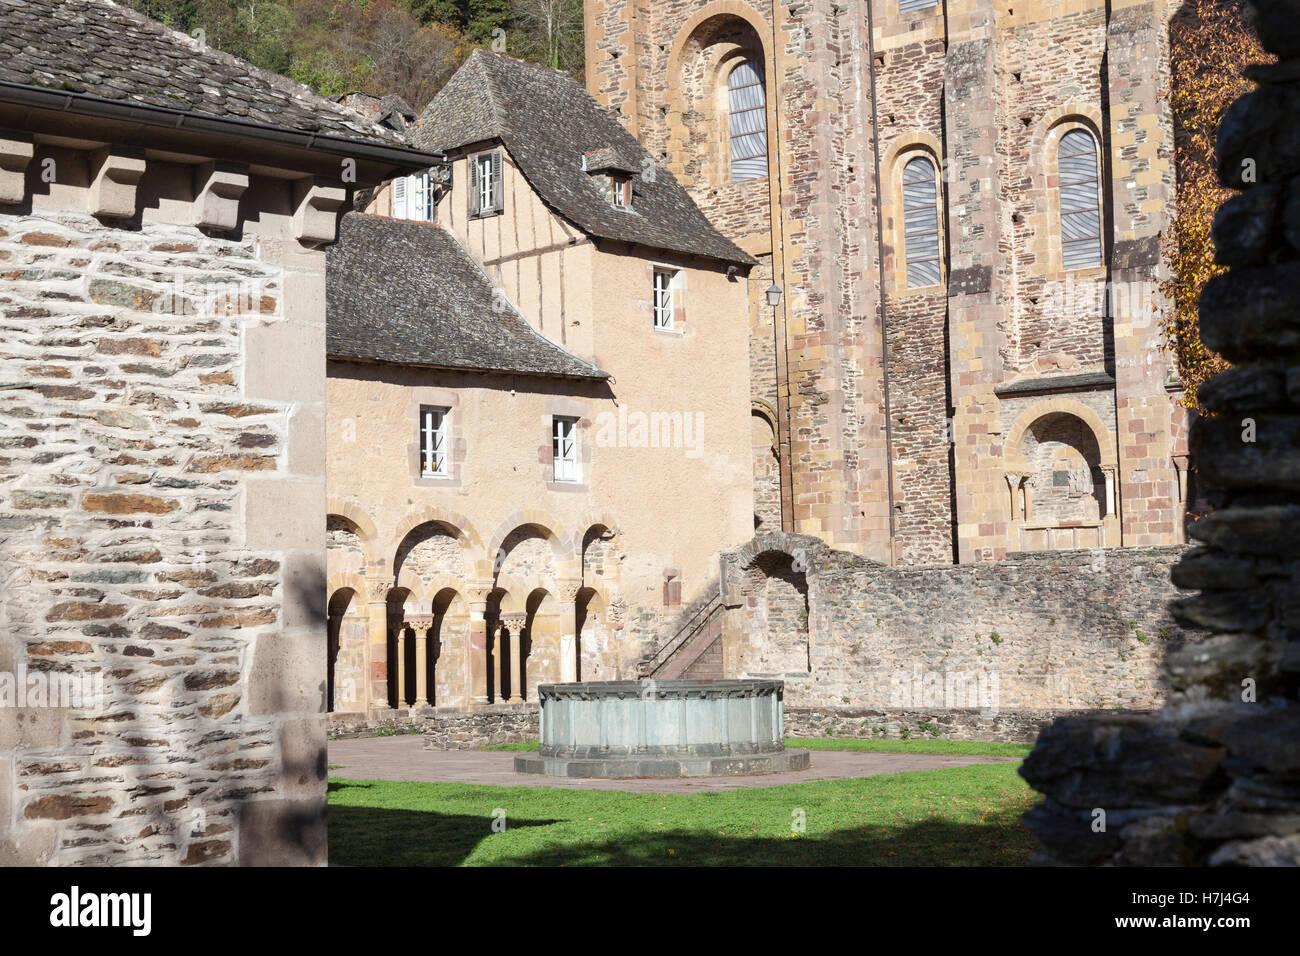 El claustro de la iglesia de la abadía de Sainte Foy, en Albi (Francia), el cual recibe un tesoro: la estatua relicario Foto de stock